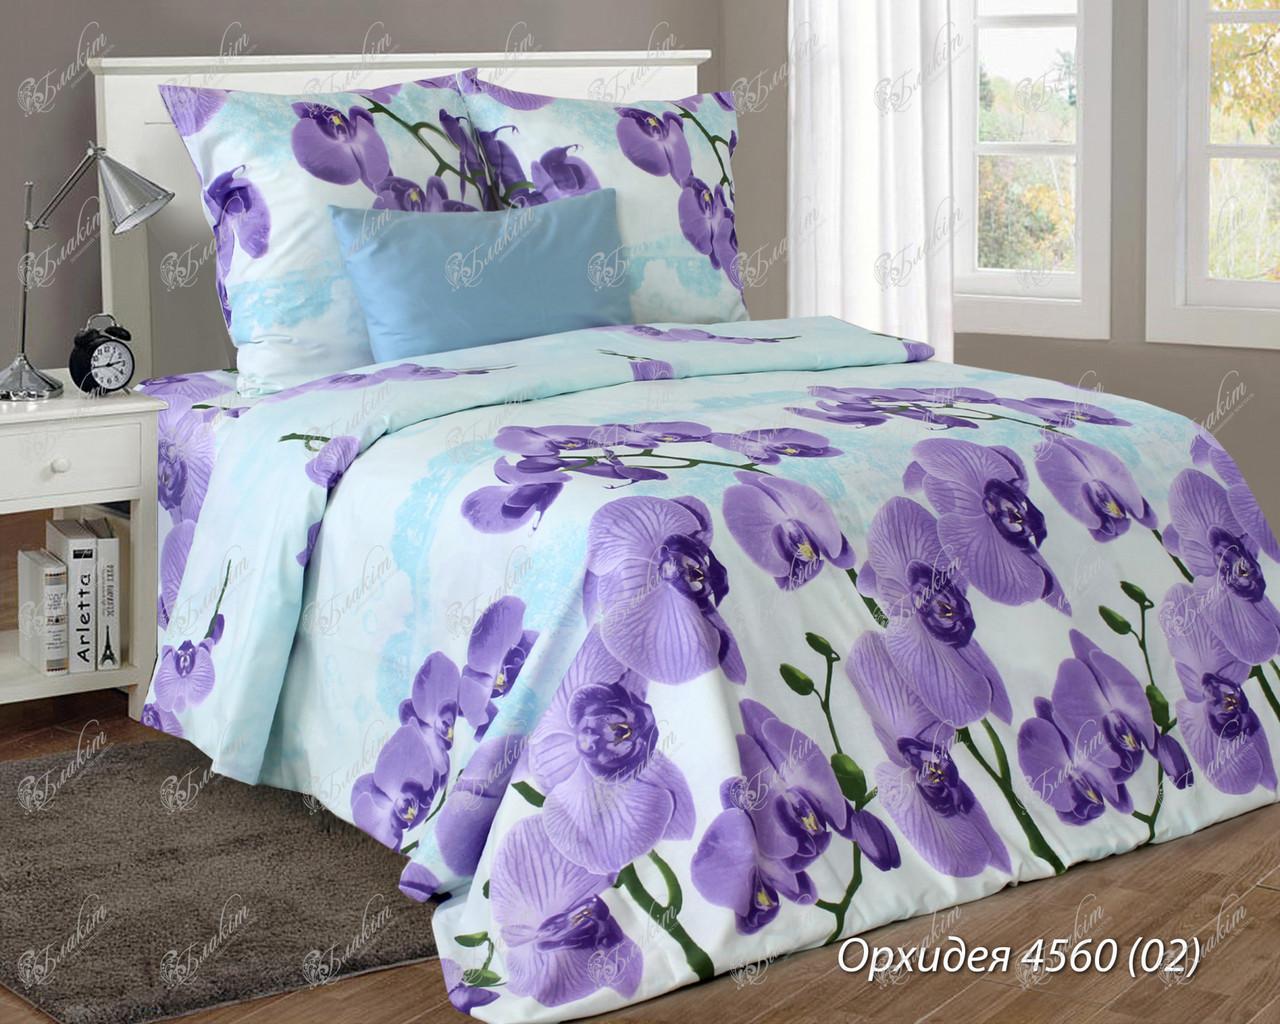 Комплект постельного белья семейный ОРХИДЕЯ фиолет (нав. 70*70 - 2шт.)